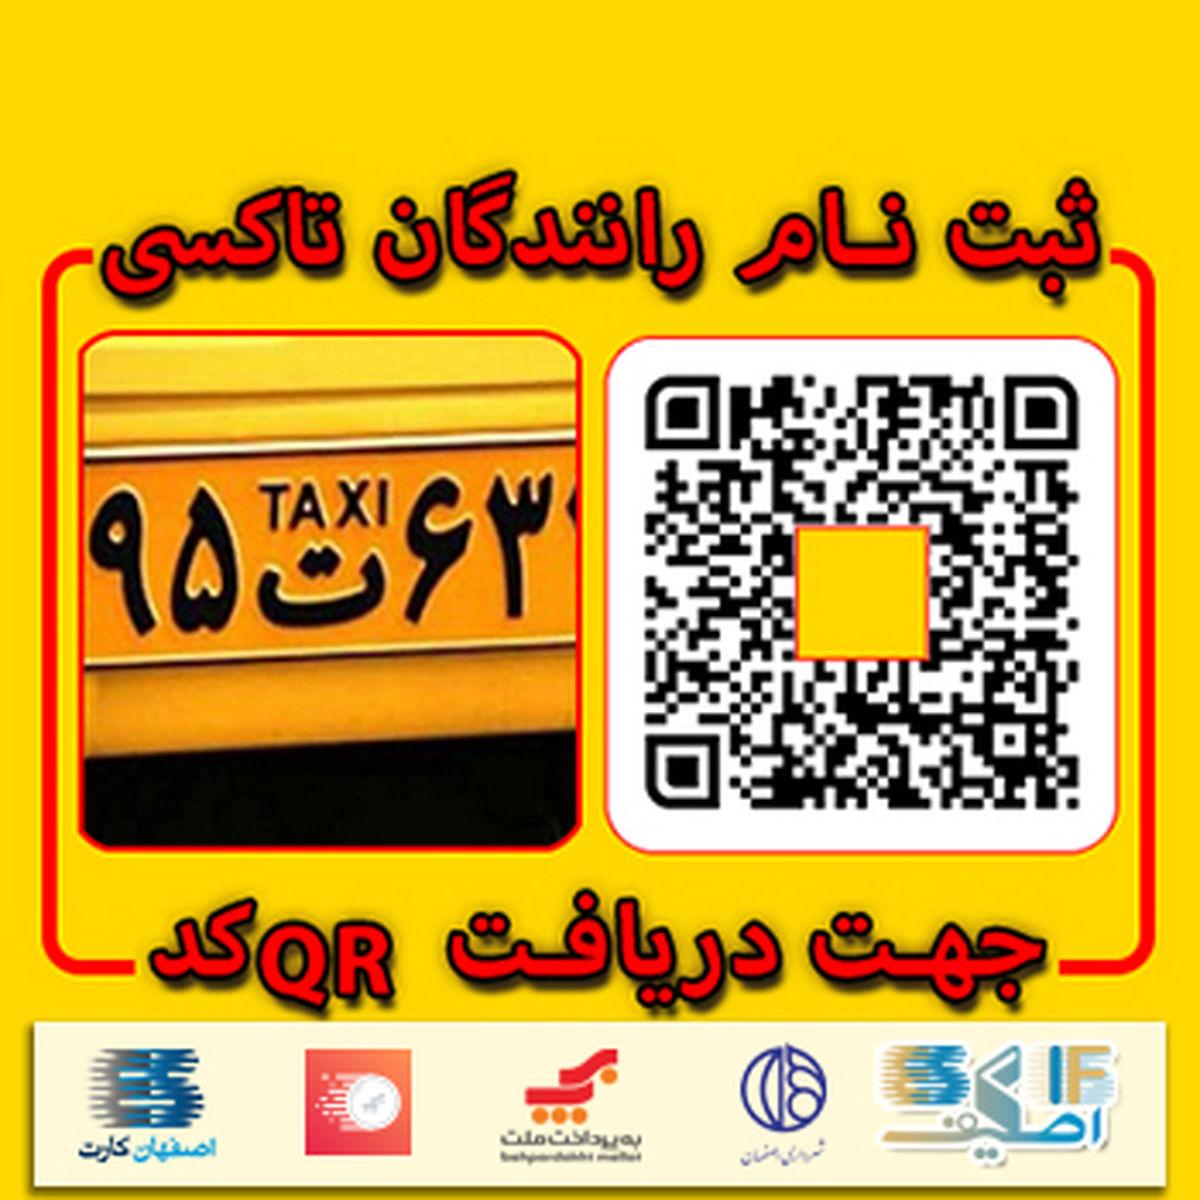 """پرداخت کرایه تاکسی در اصفهان بدون نیاز به پول نقد با اپلیکیشین """" اصکیف"""""""